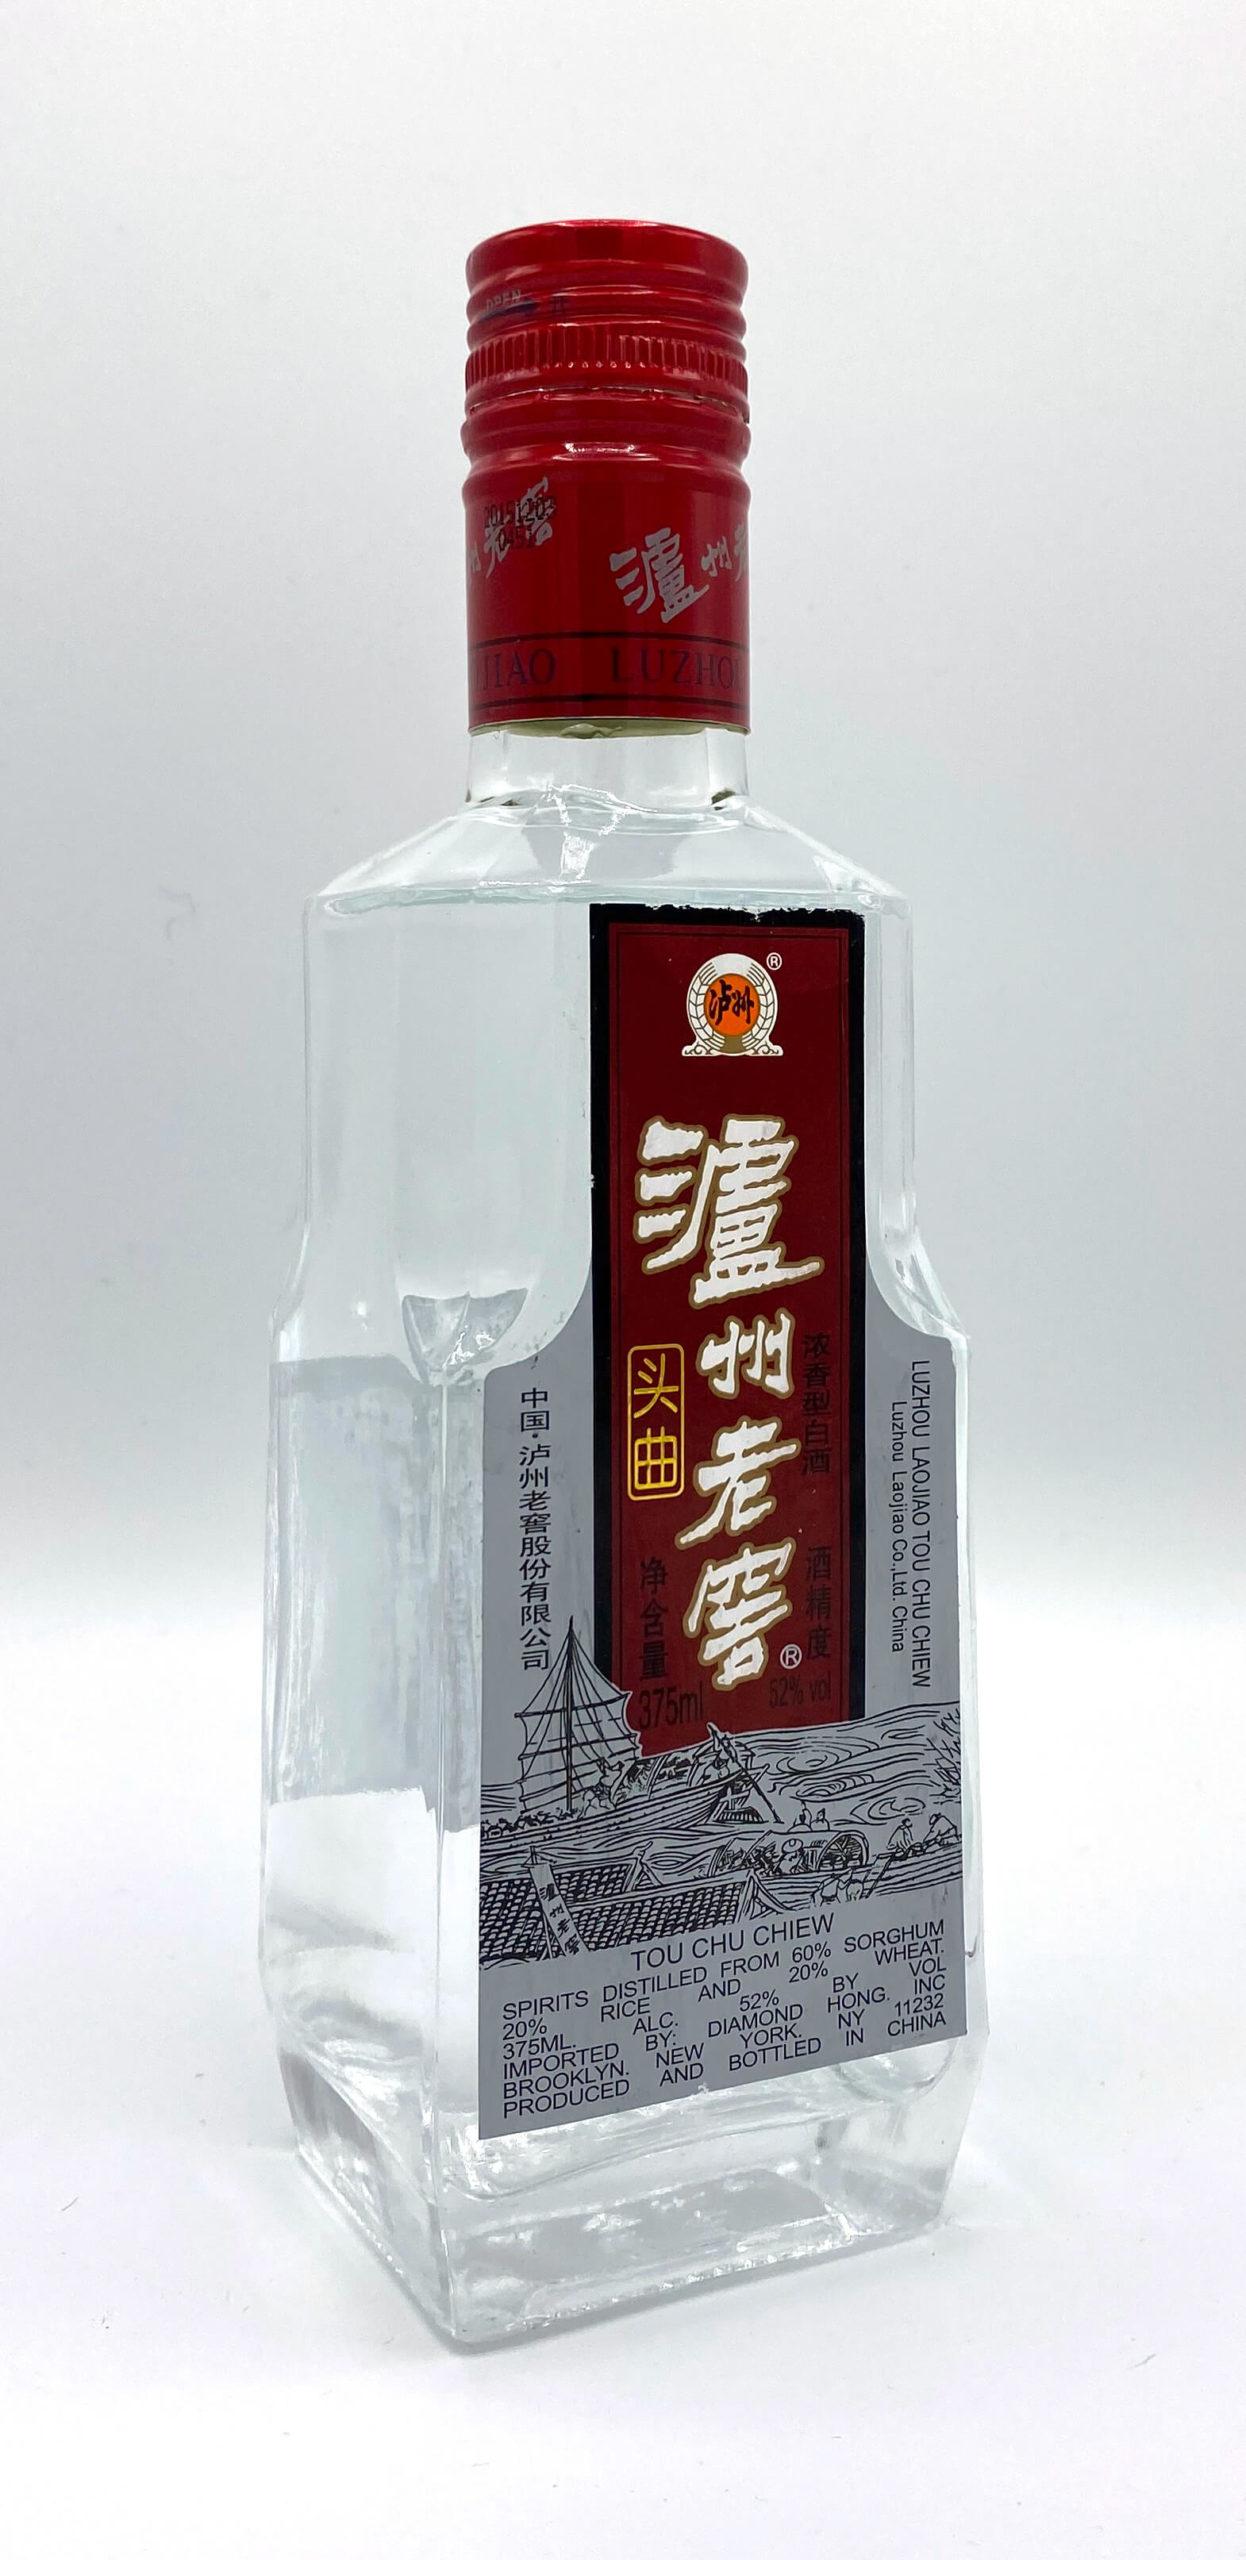 Luzhou Laojiao Tou Chu Chiew